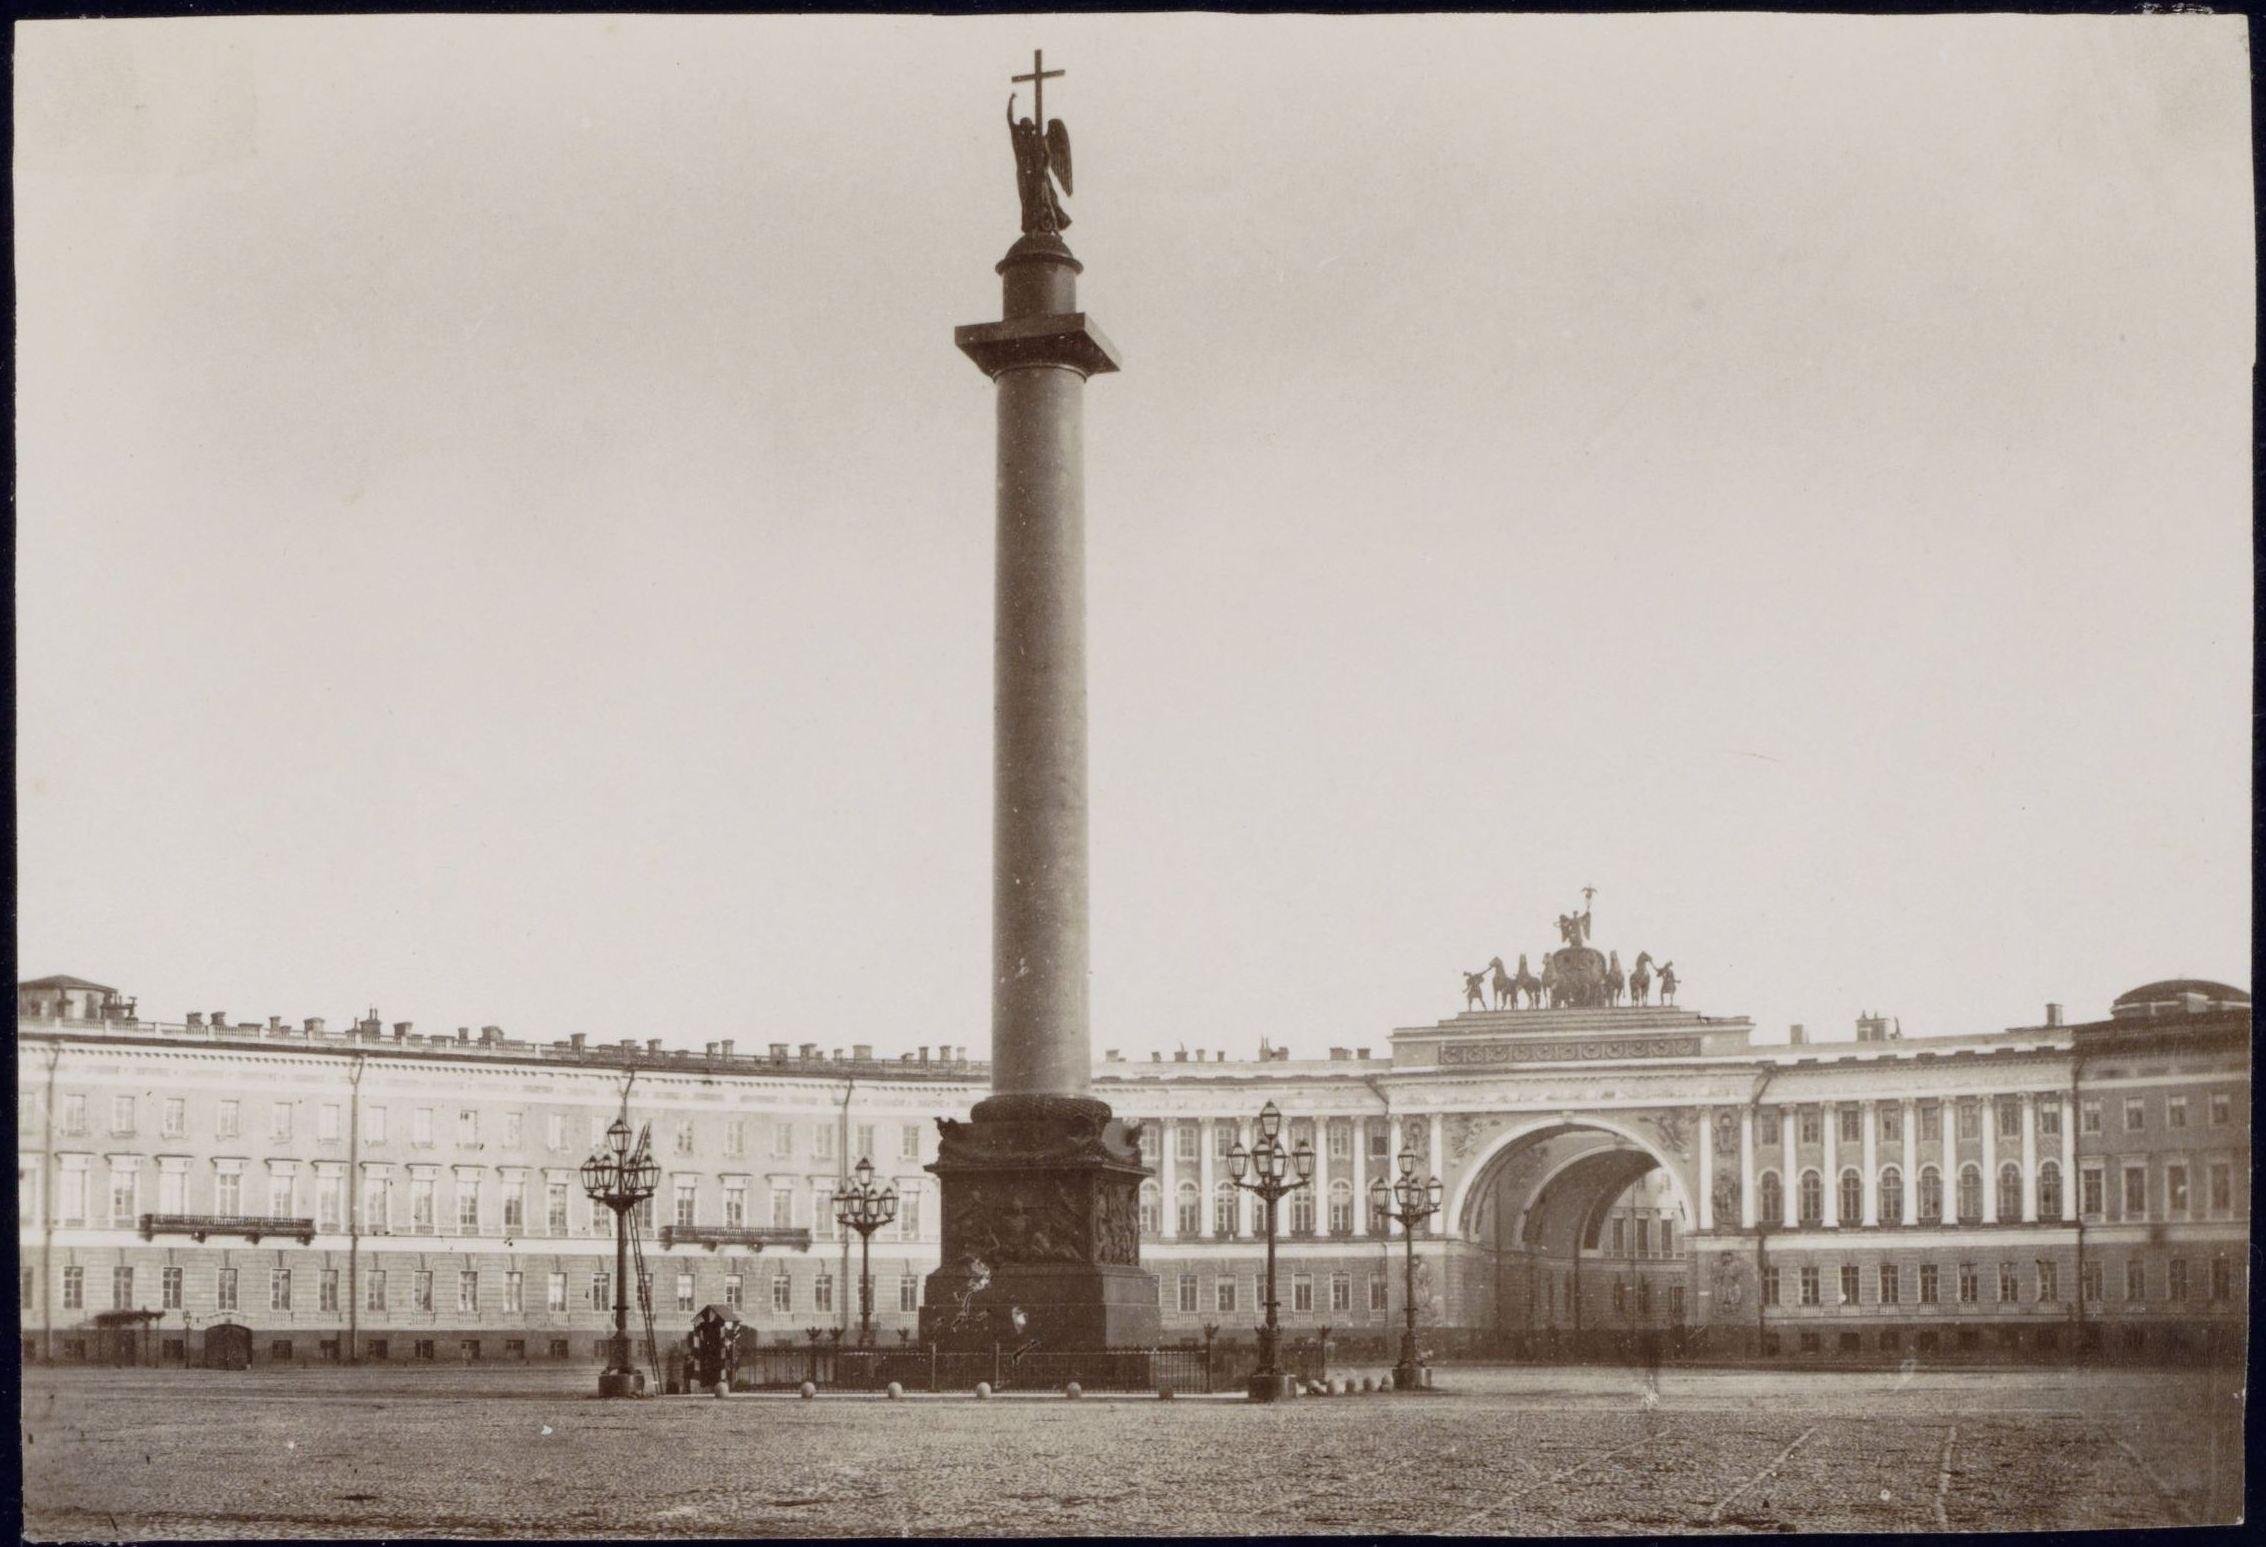 1863. Дворцовая площадь и здание Главного штаба